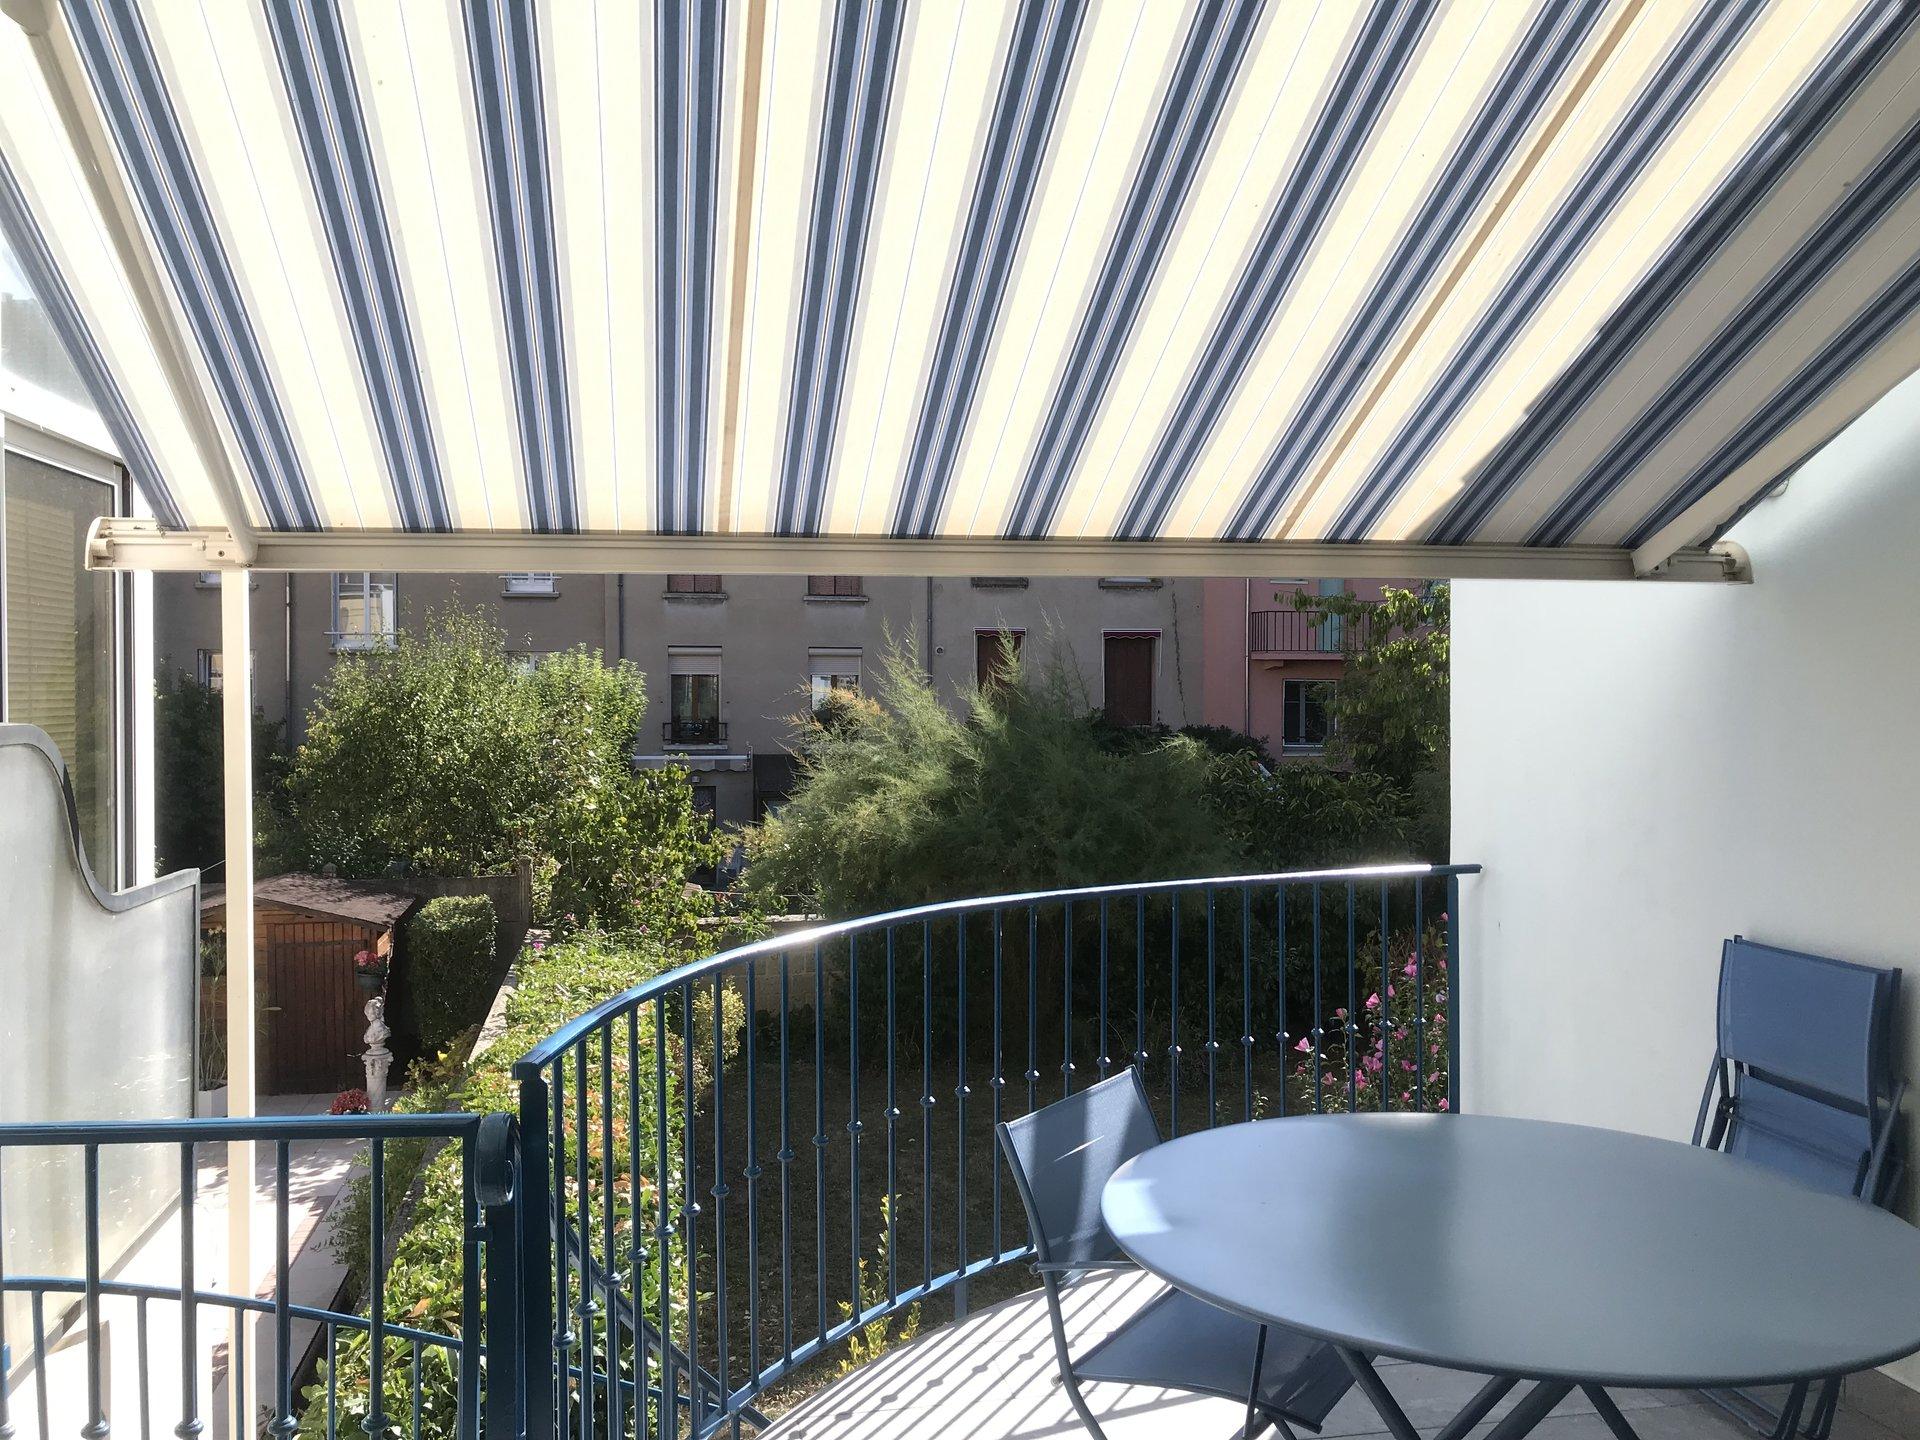 5836AJM - Vichy Parcs,  Maison archi (7 pièces 180m²) Gge, jrd